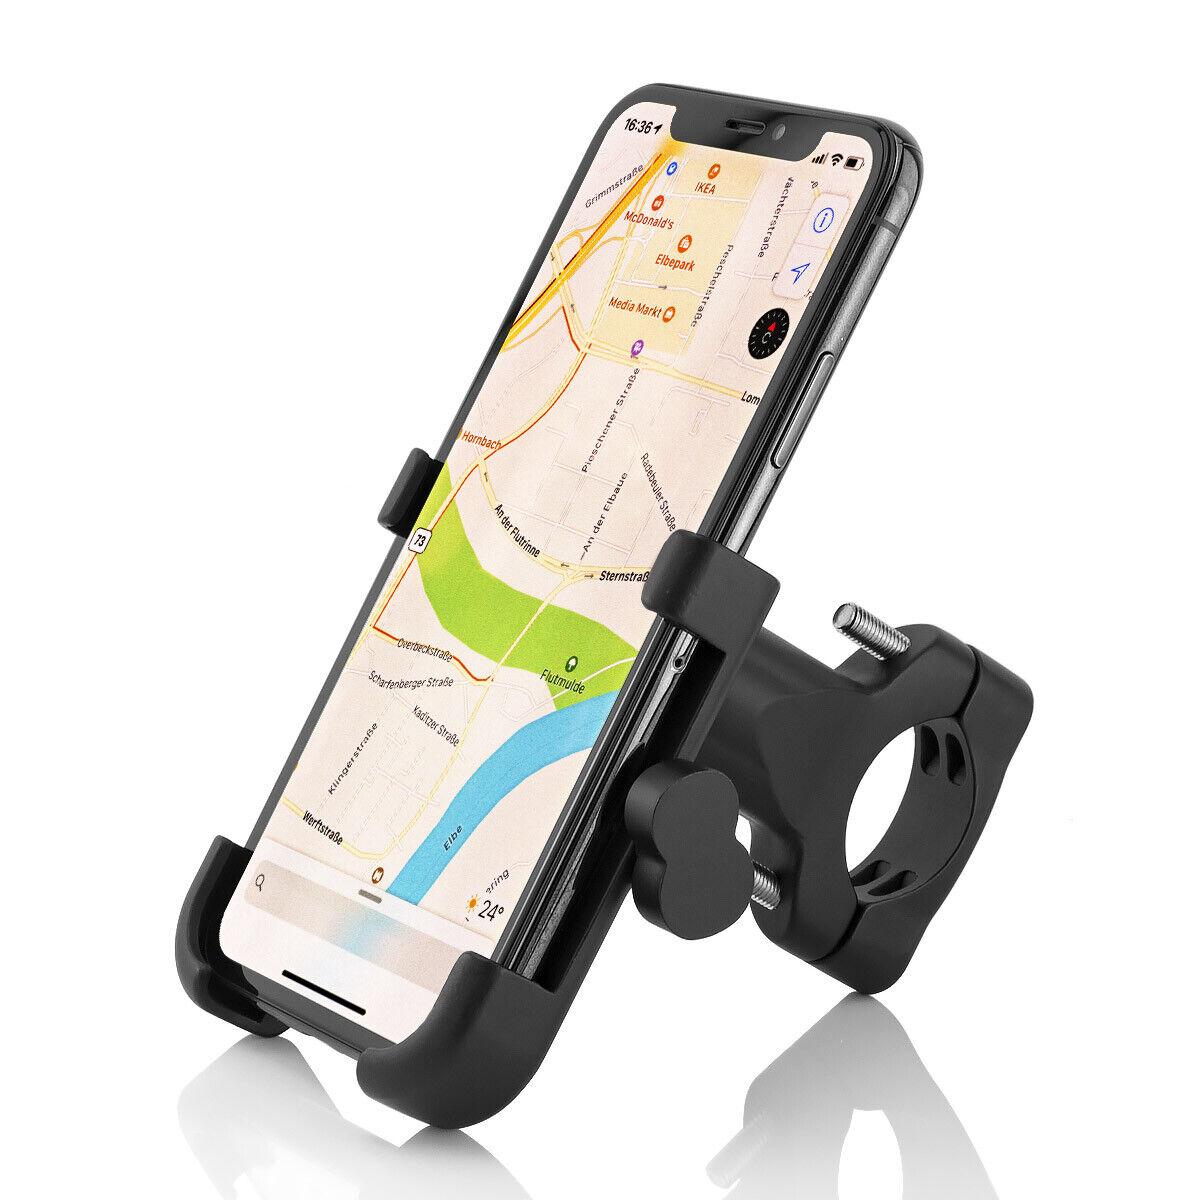 Universal Alu Fahrrad Halterung Handy Halter Motorrad Bike Smartphone Roller GUB